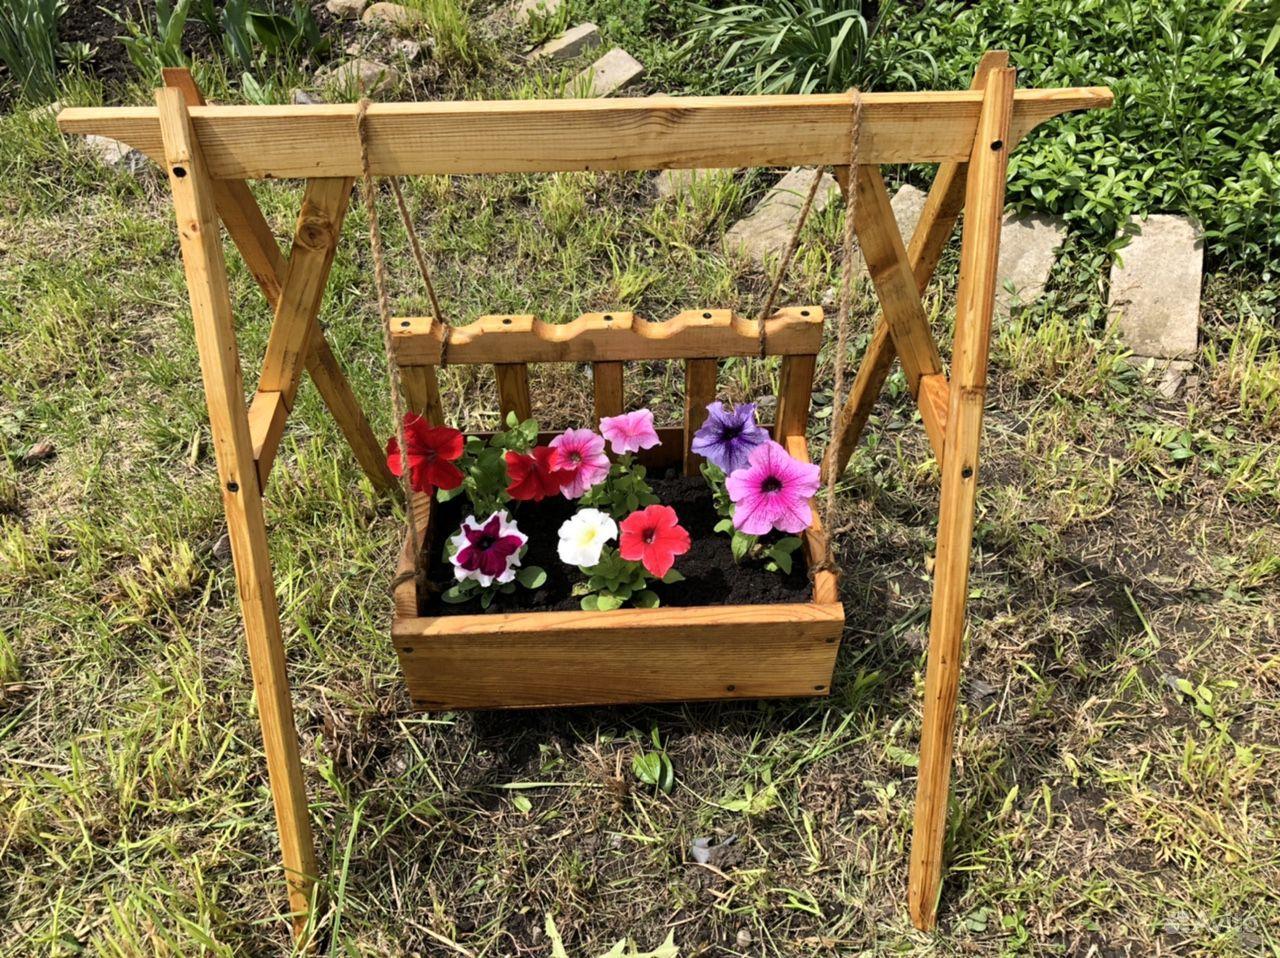 Горшок (кашпо) для цветов купить на Зозу.ру - фотография № 2